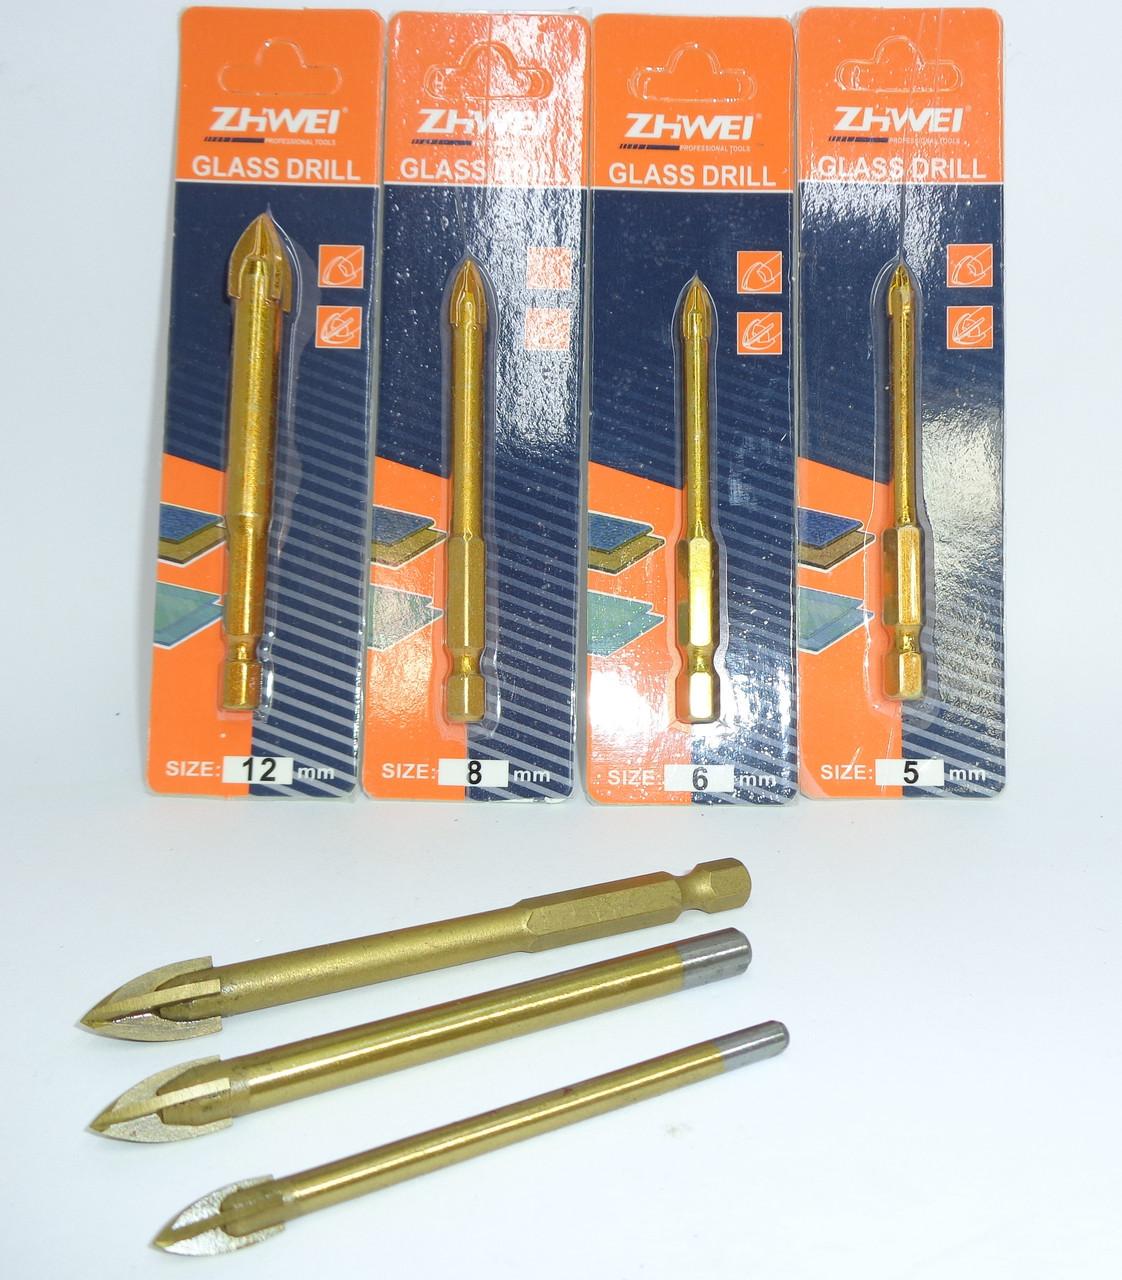 Свердла по склу, кераміці та мармуру 12 мм з 4 ріжучими крайками Zhwei